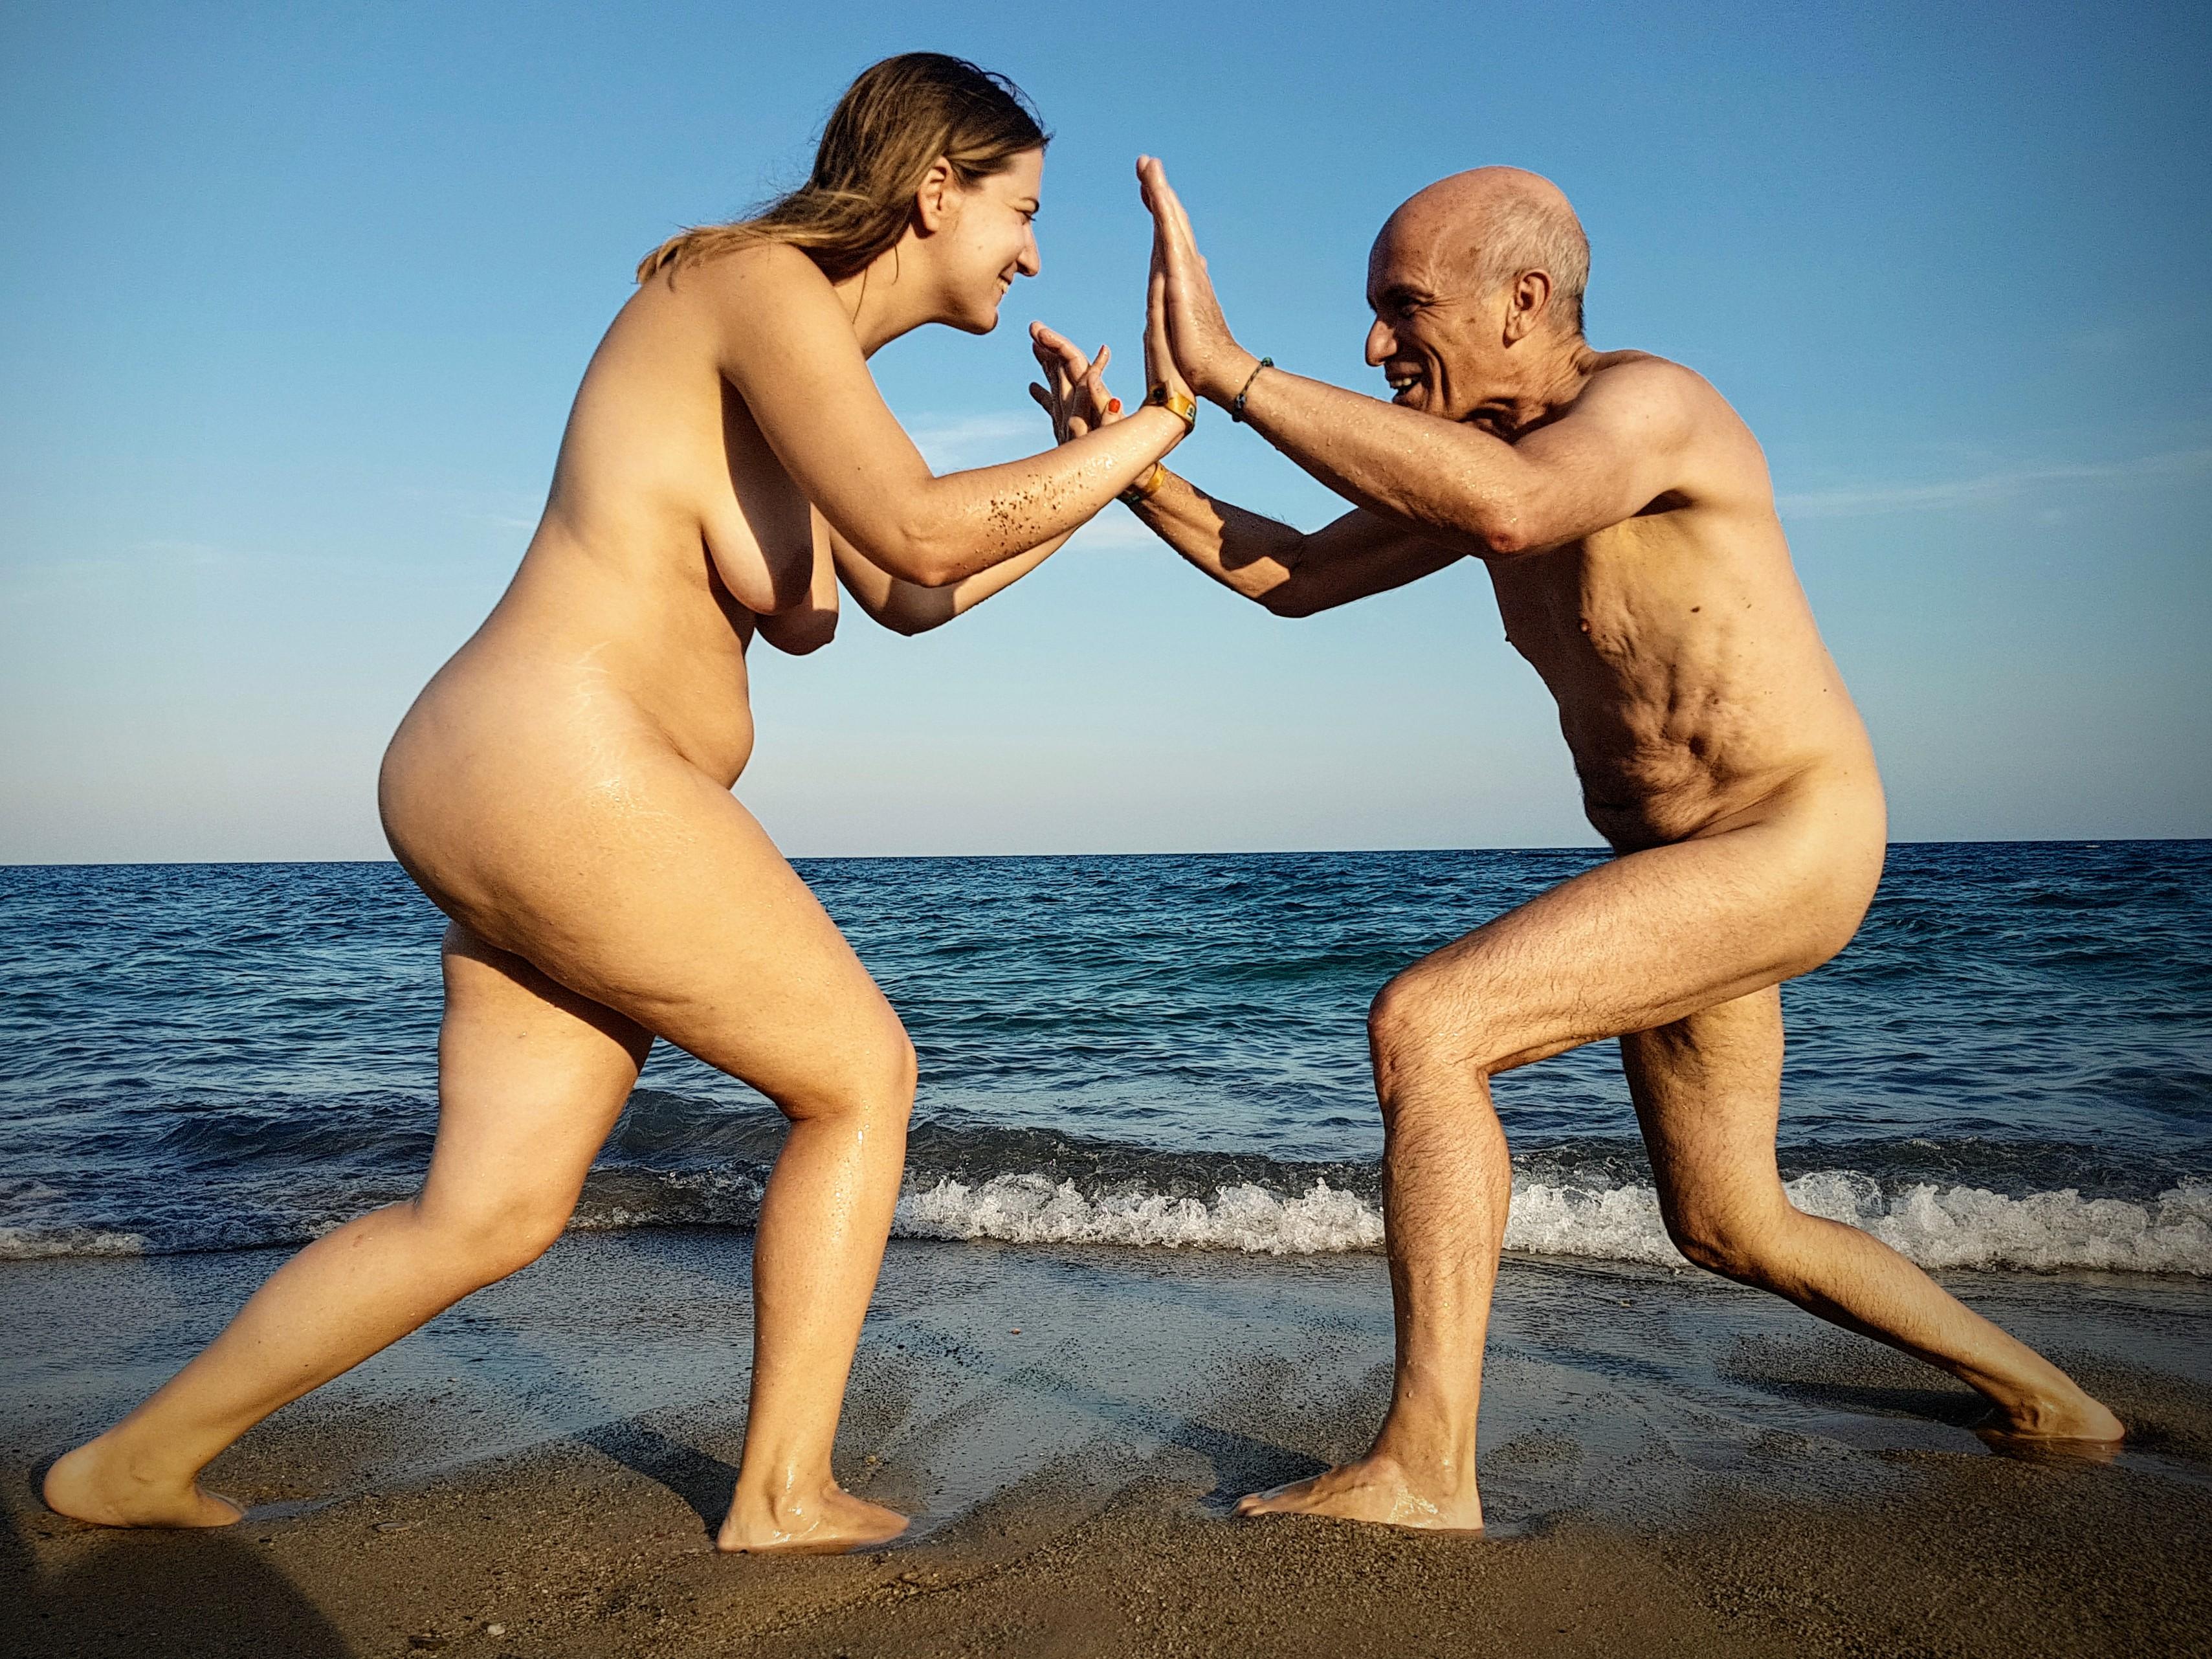 El desnudo nos hace fuertes-El Caminante